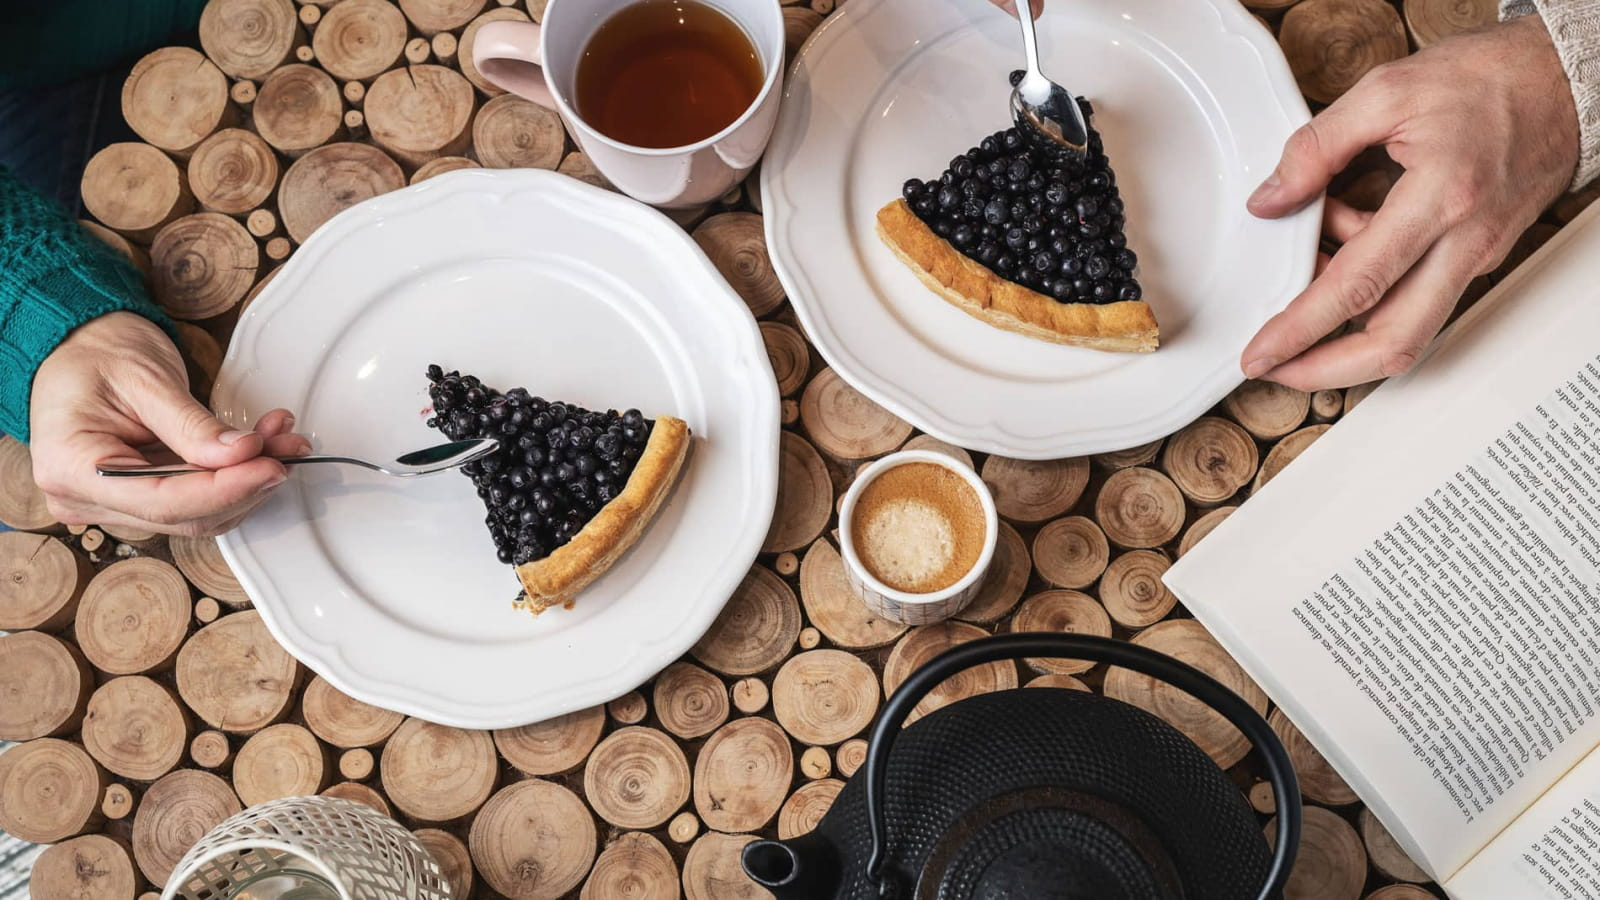 Brimbelle - La tarte aux myrtilles